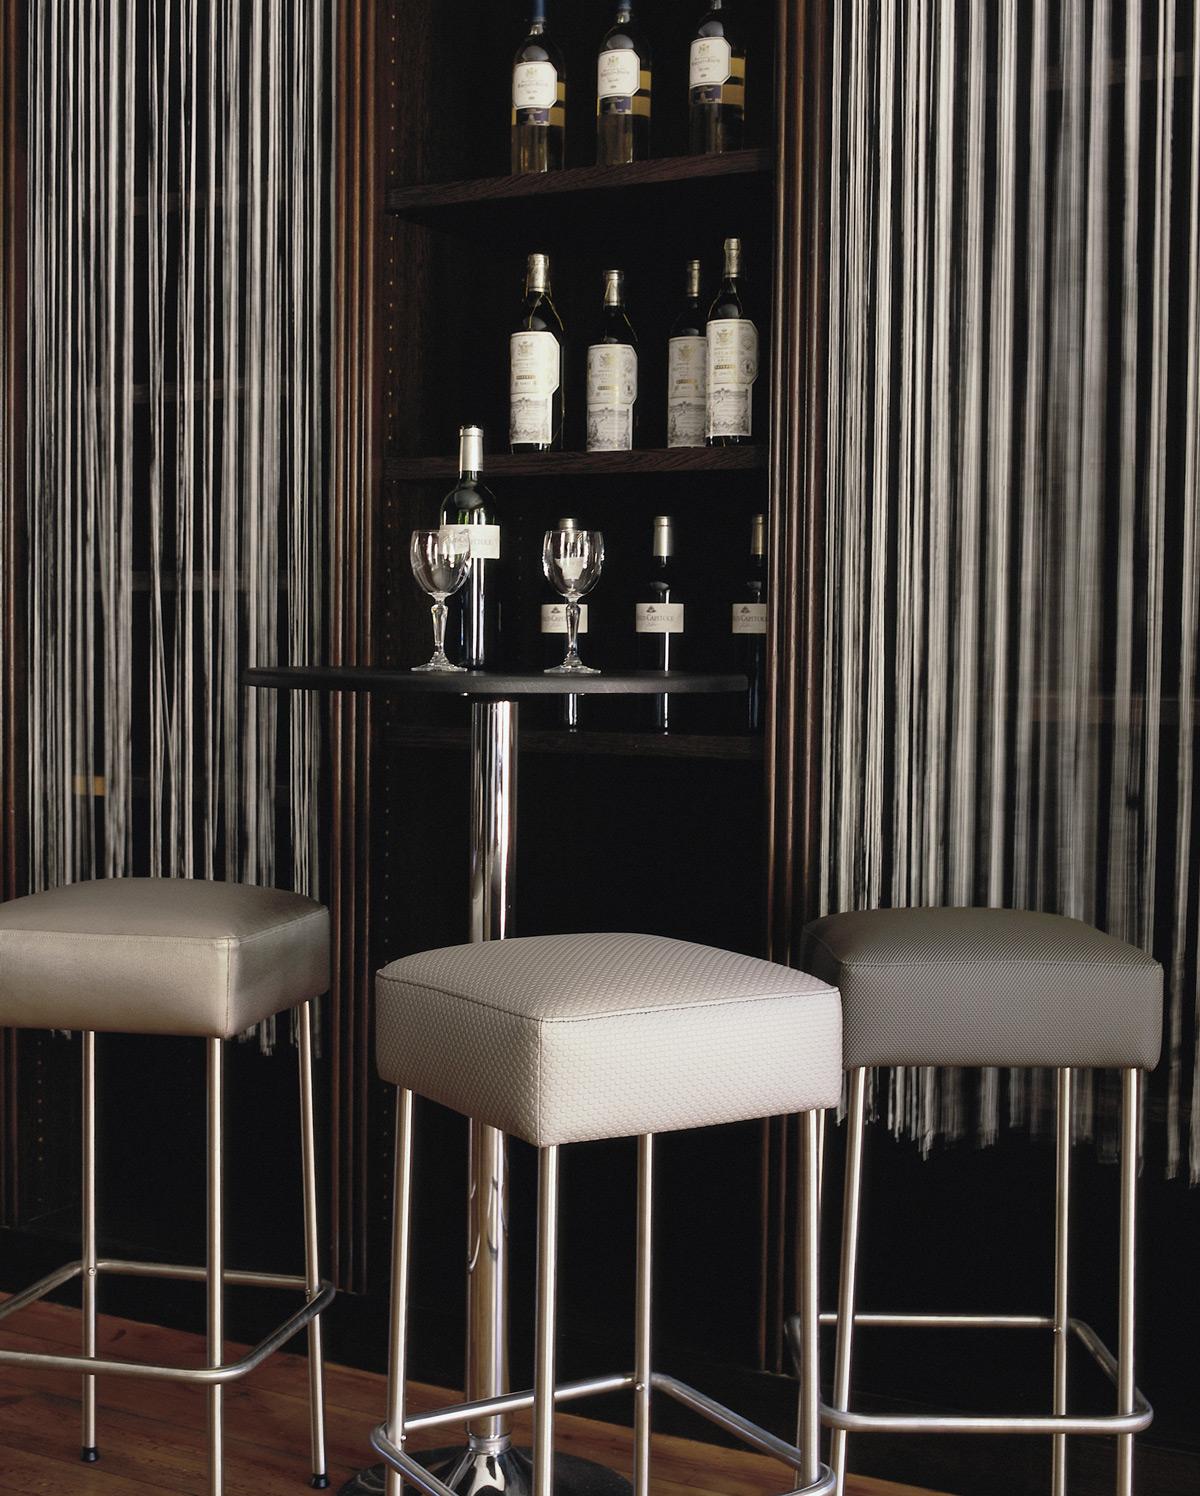 decoratrice interieur bordeaux trendy projet conu par audrey boey magasin docks caviar bordeaux. Black Bedroom Furniture Sets. Home Design Ideas